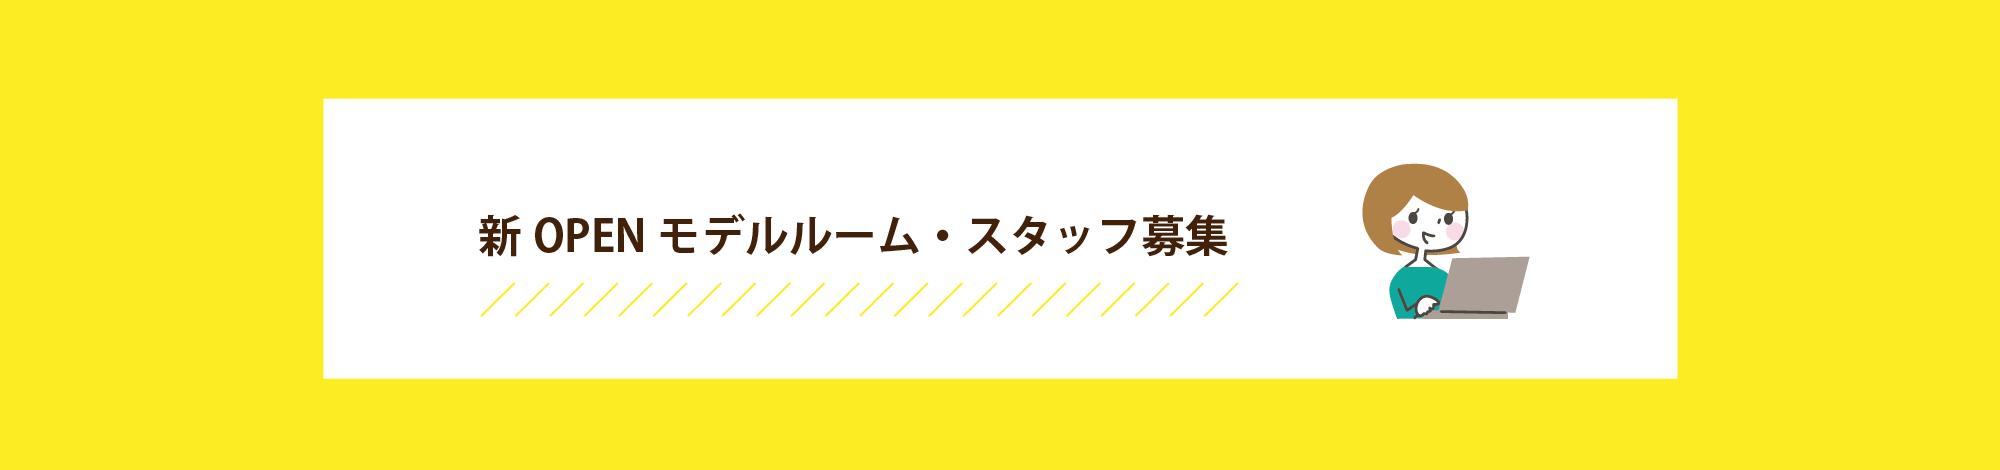 新OPENモデルルーム・スタッフ募集